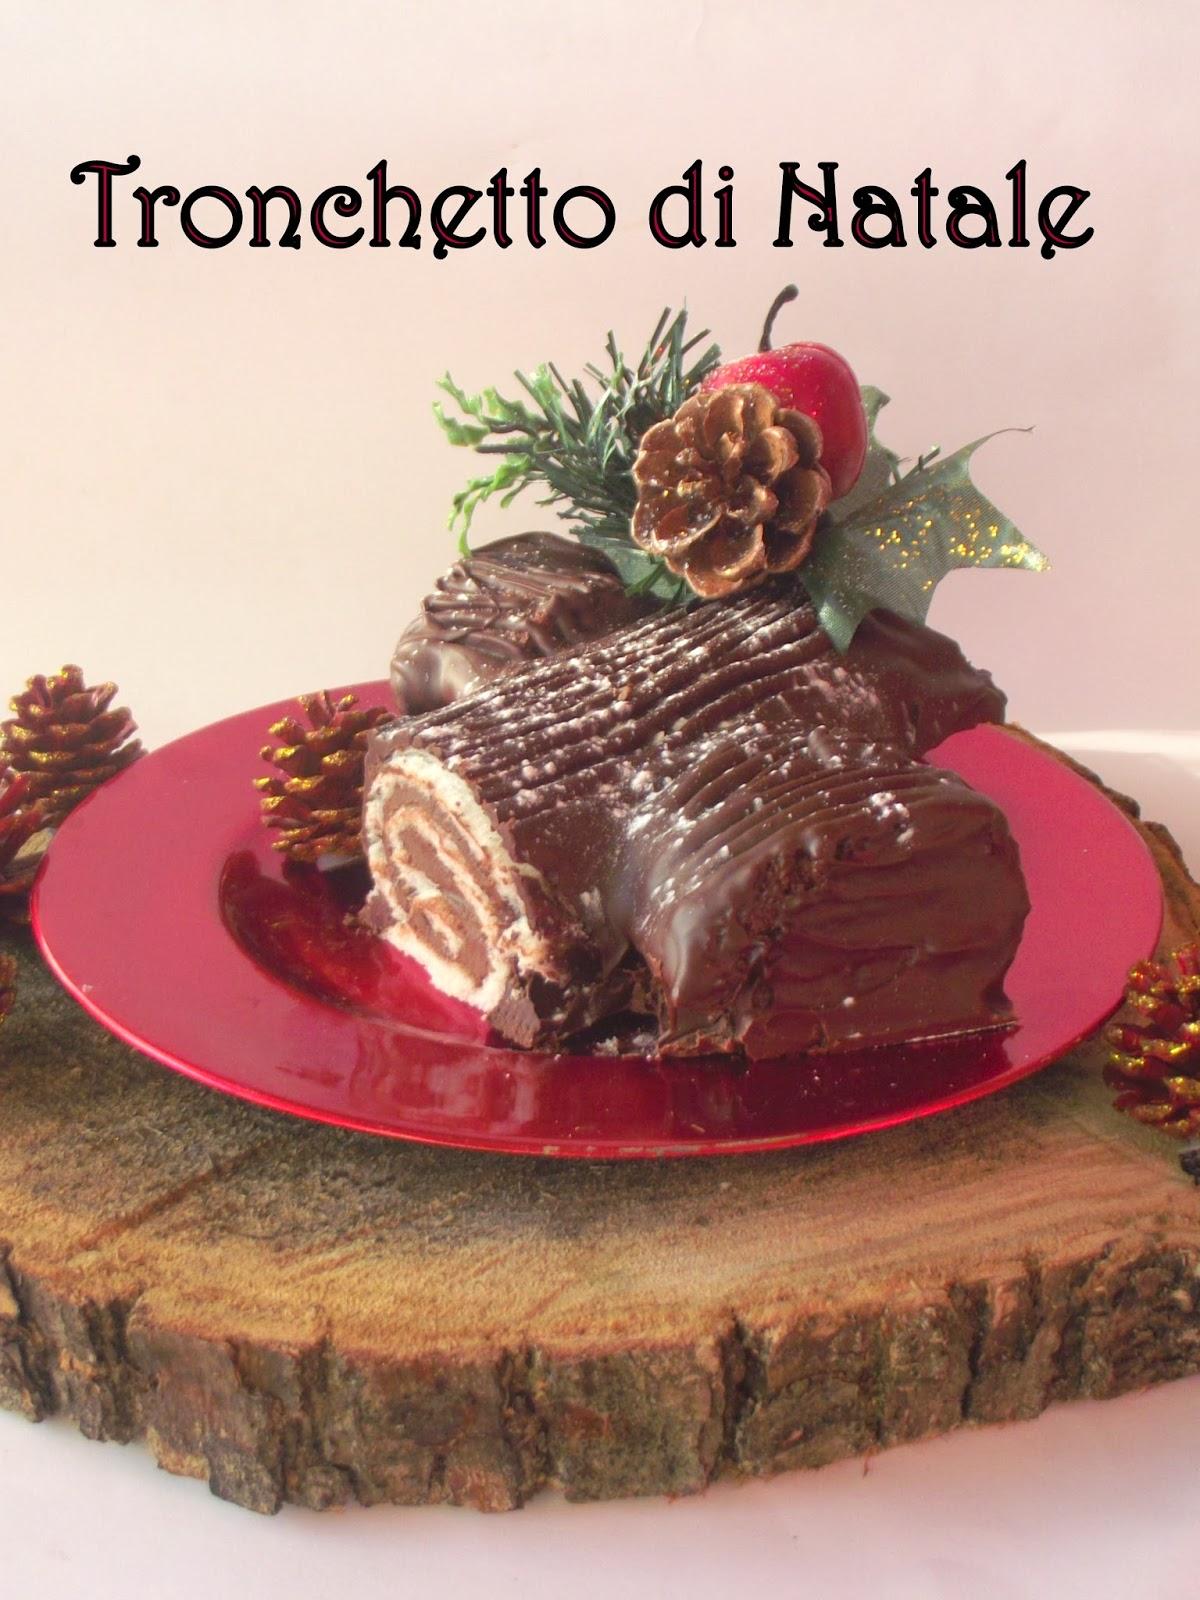 Torta Tronchetto Di Natale.Il Tronchetto Di Natale Con Il Trucchetto